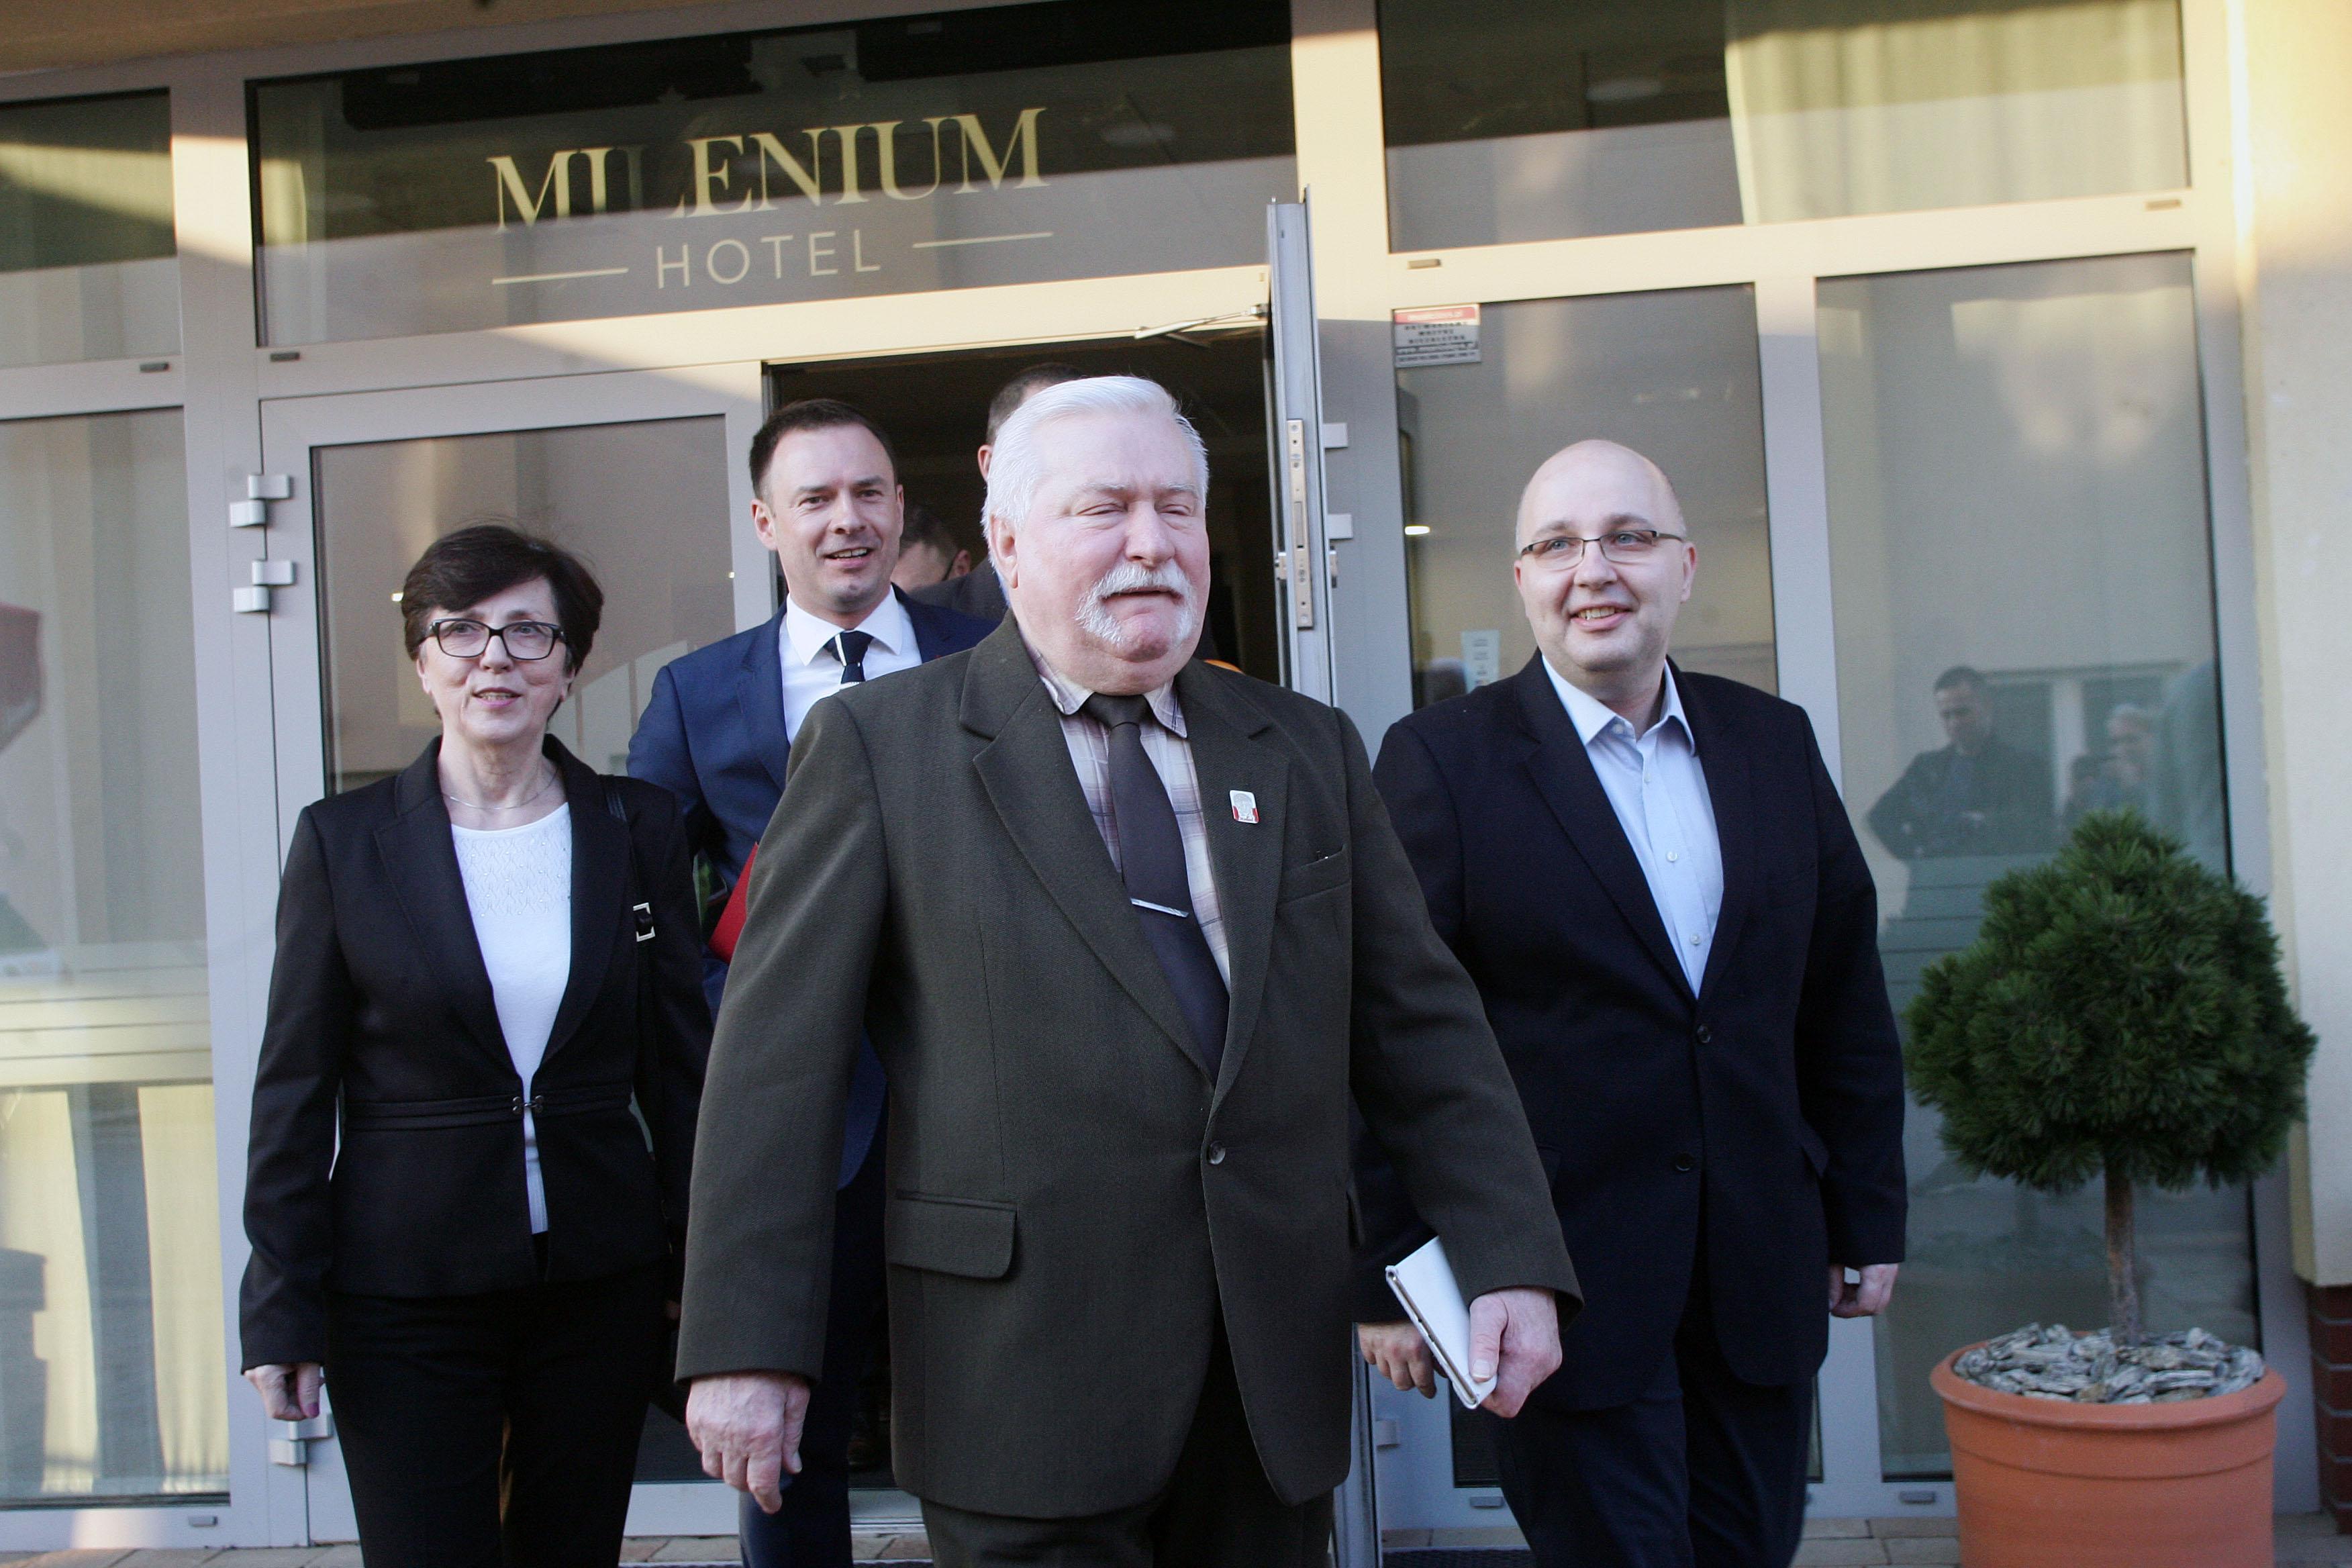 Lech Wałęsa weźmie udział w kontrmanifestacji przeciwko uczestnikom miesięcznicy smoleńskiej, która odbędzie się 10 lipca